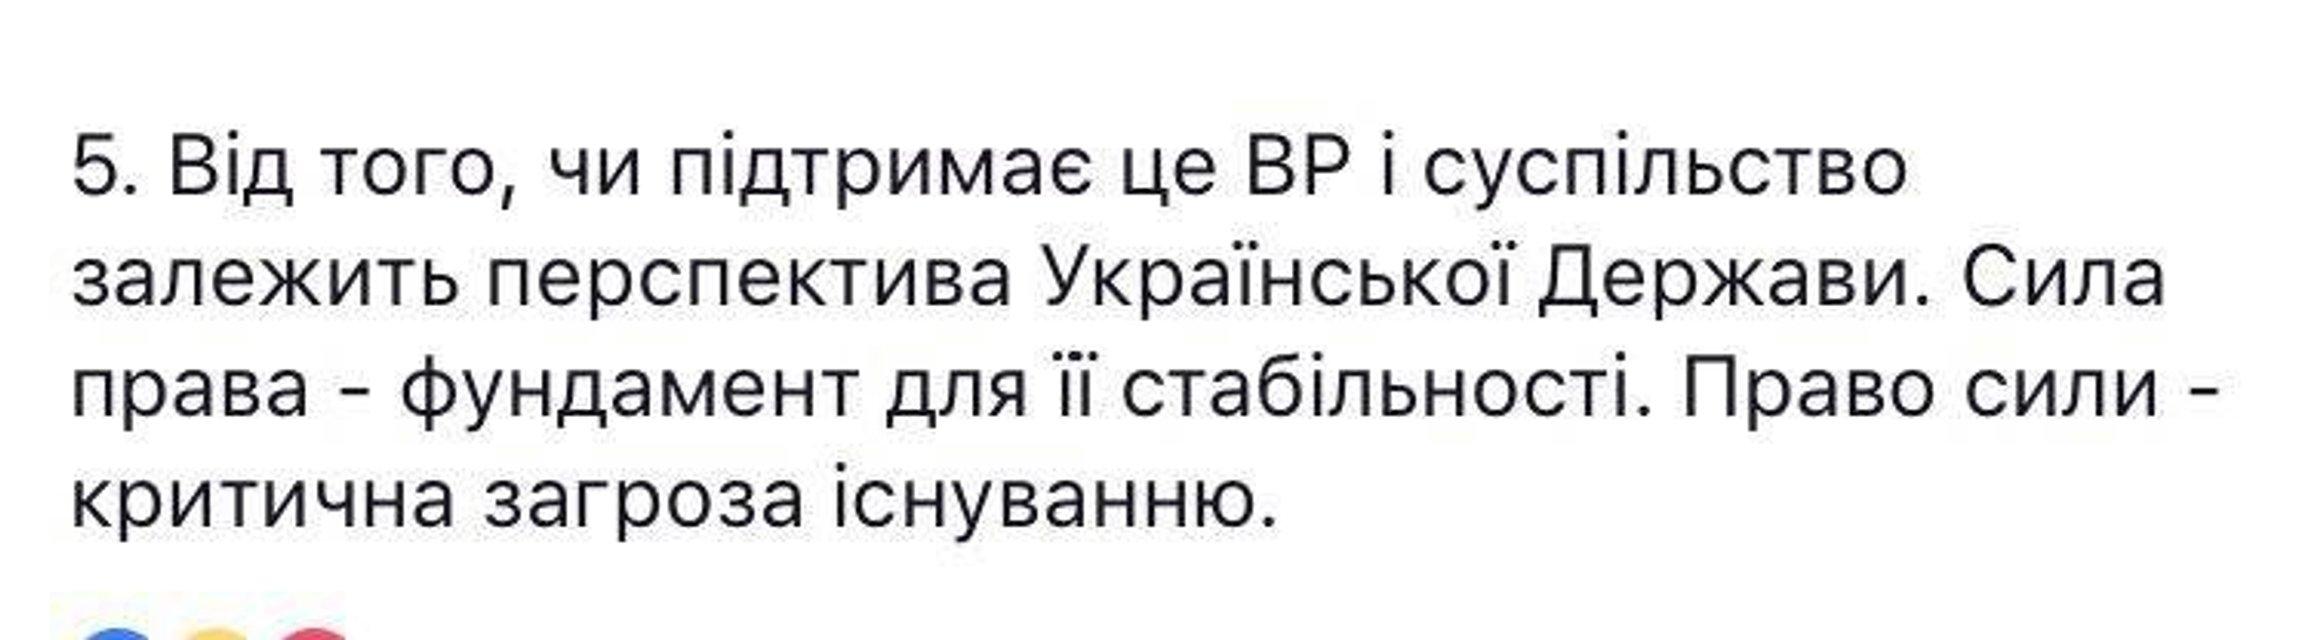 Луценко пообещал привлечь организаторов прорыва границы к уголовной ответственности - фото 72852